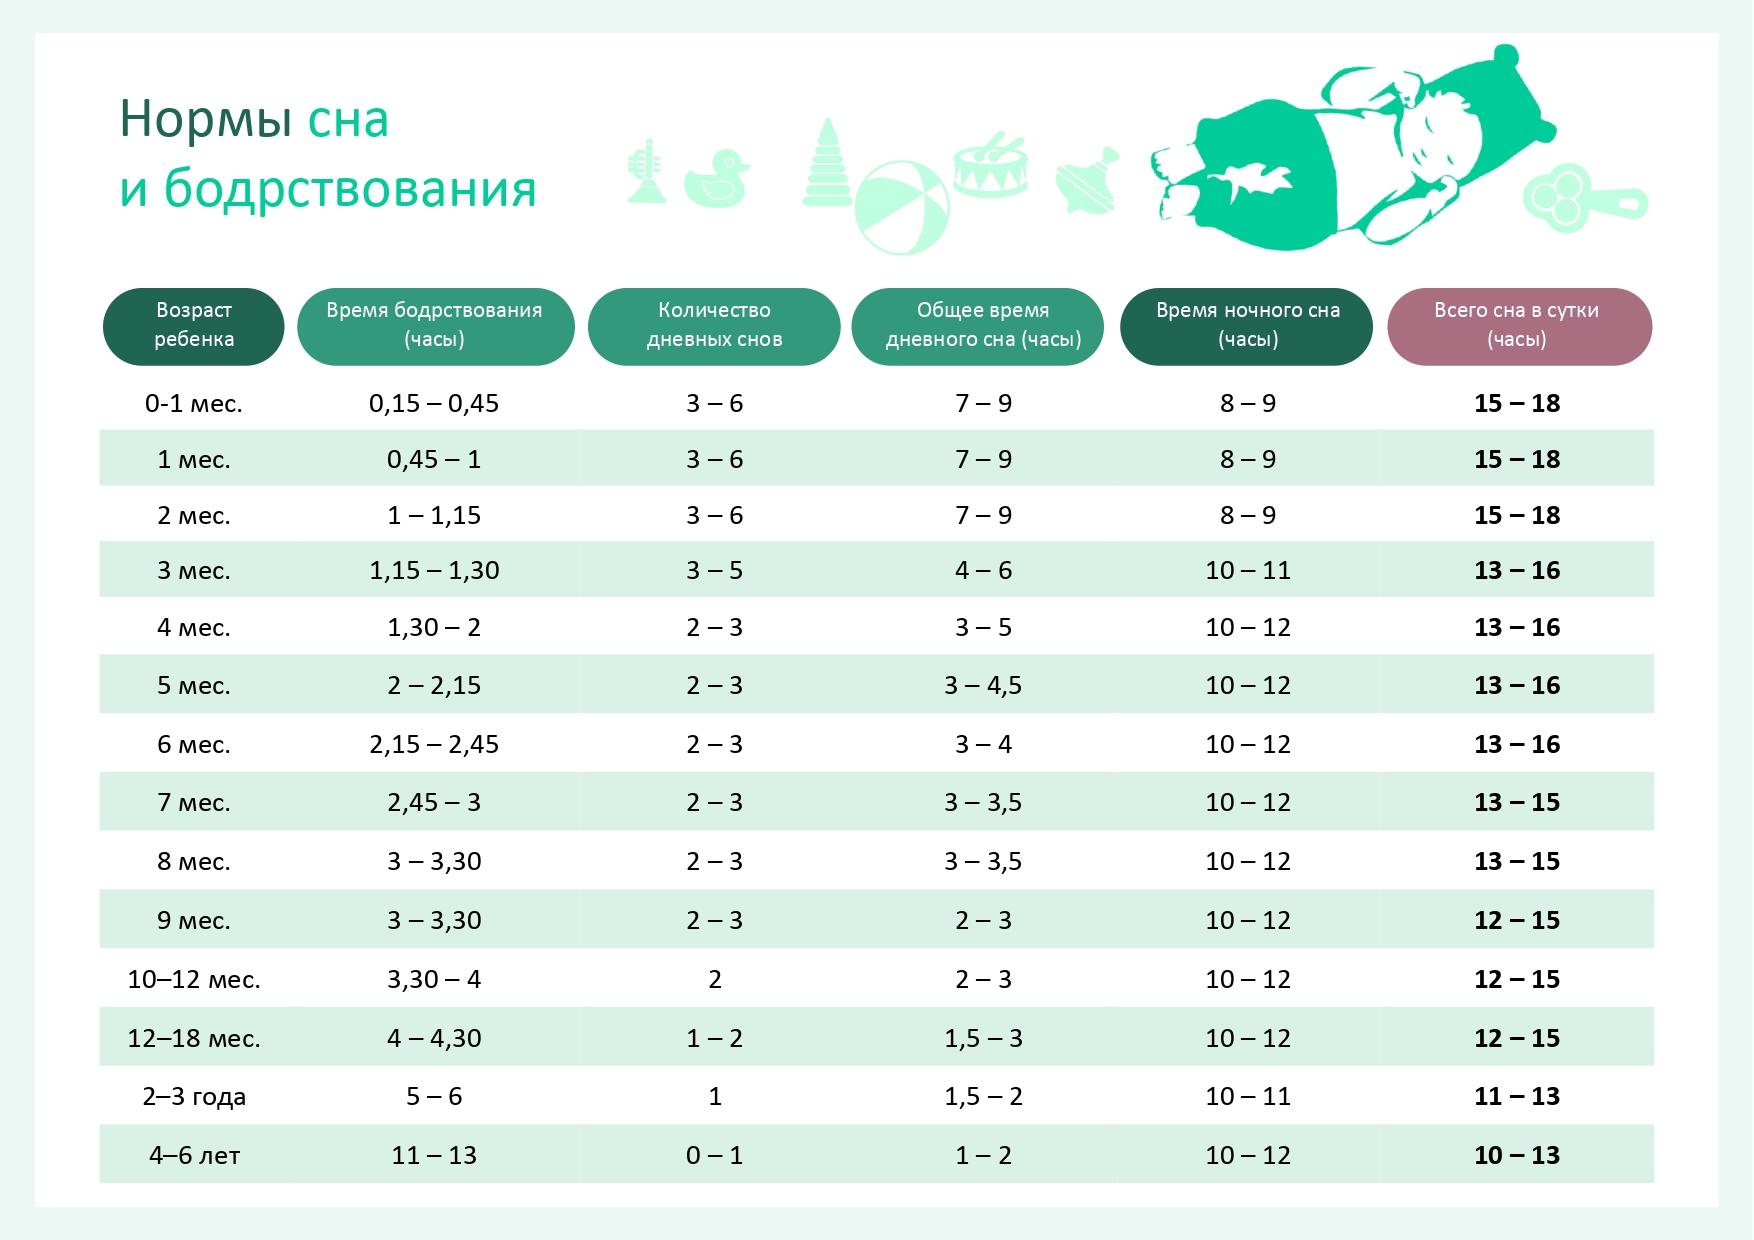 Регресс — что это такое, примеры регресса | ktonanovenkogo.ru